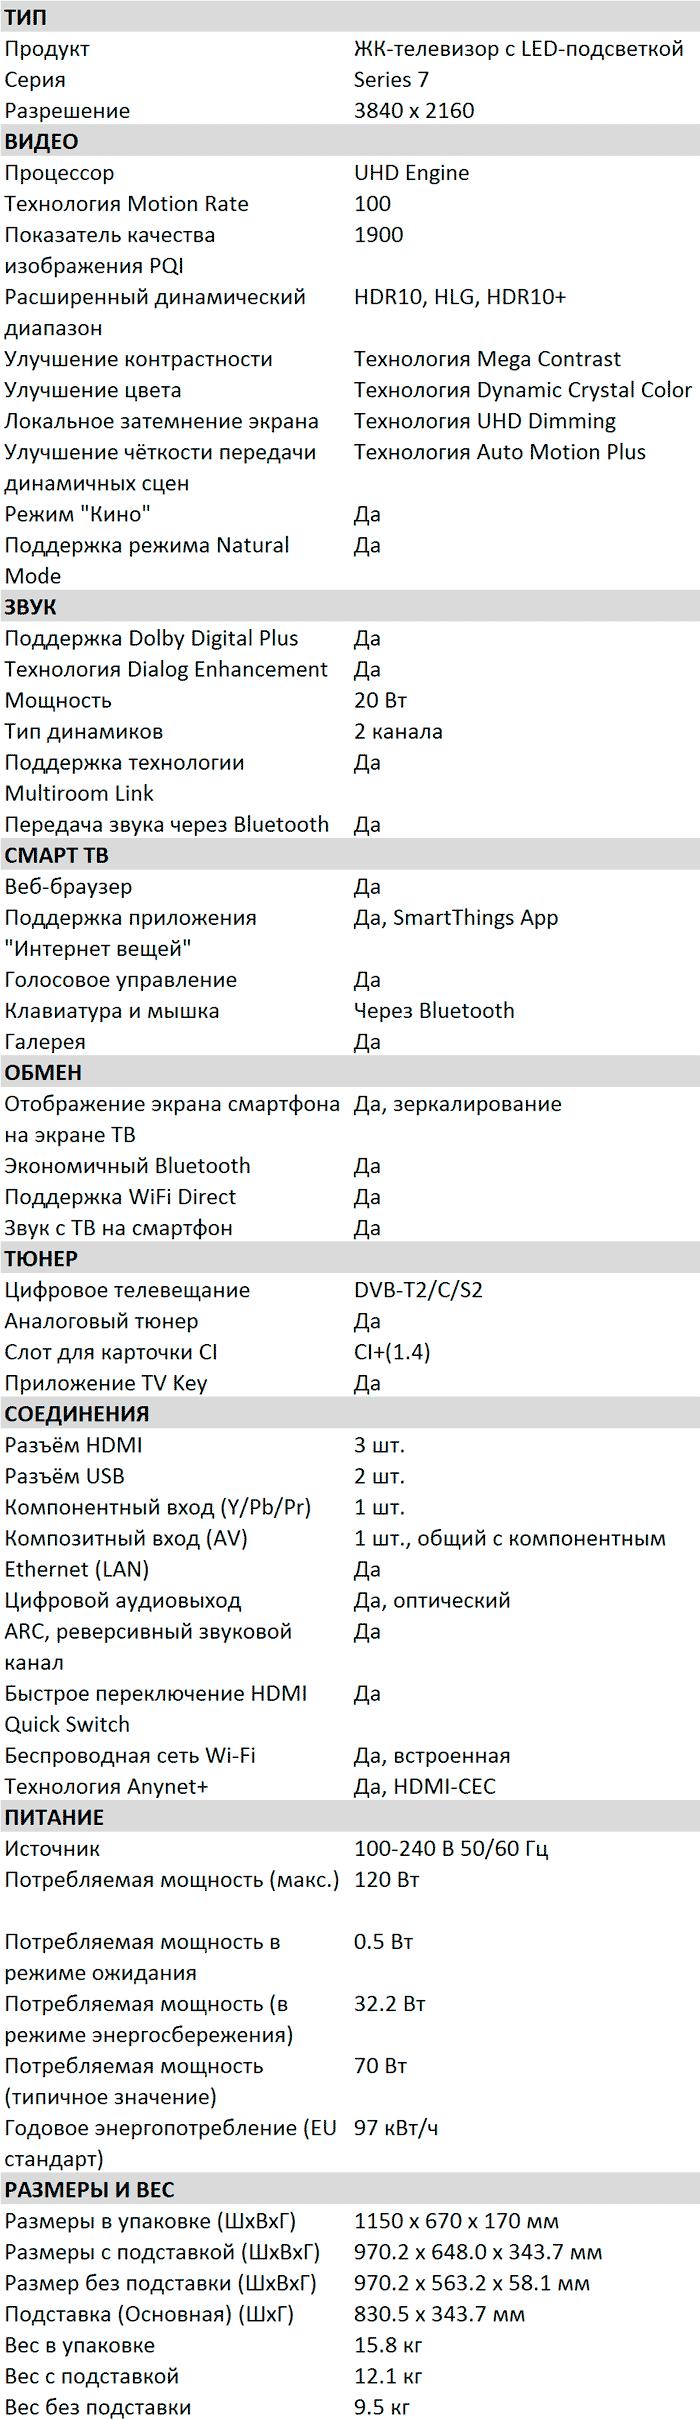 Характеристики RU7410U